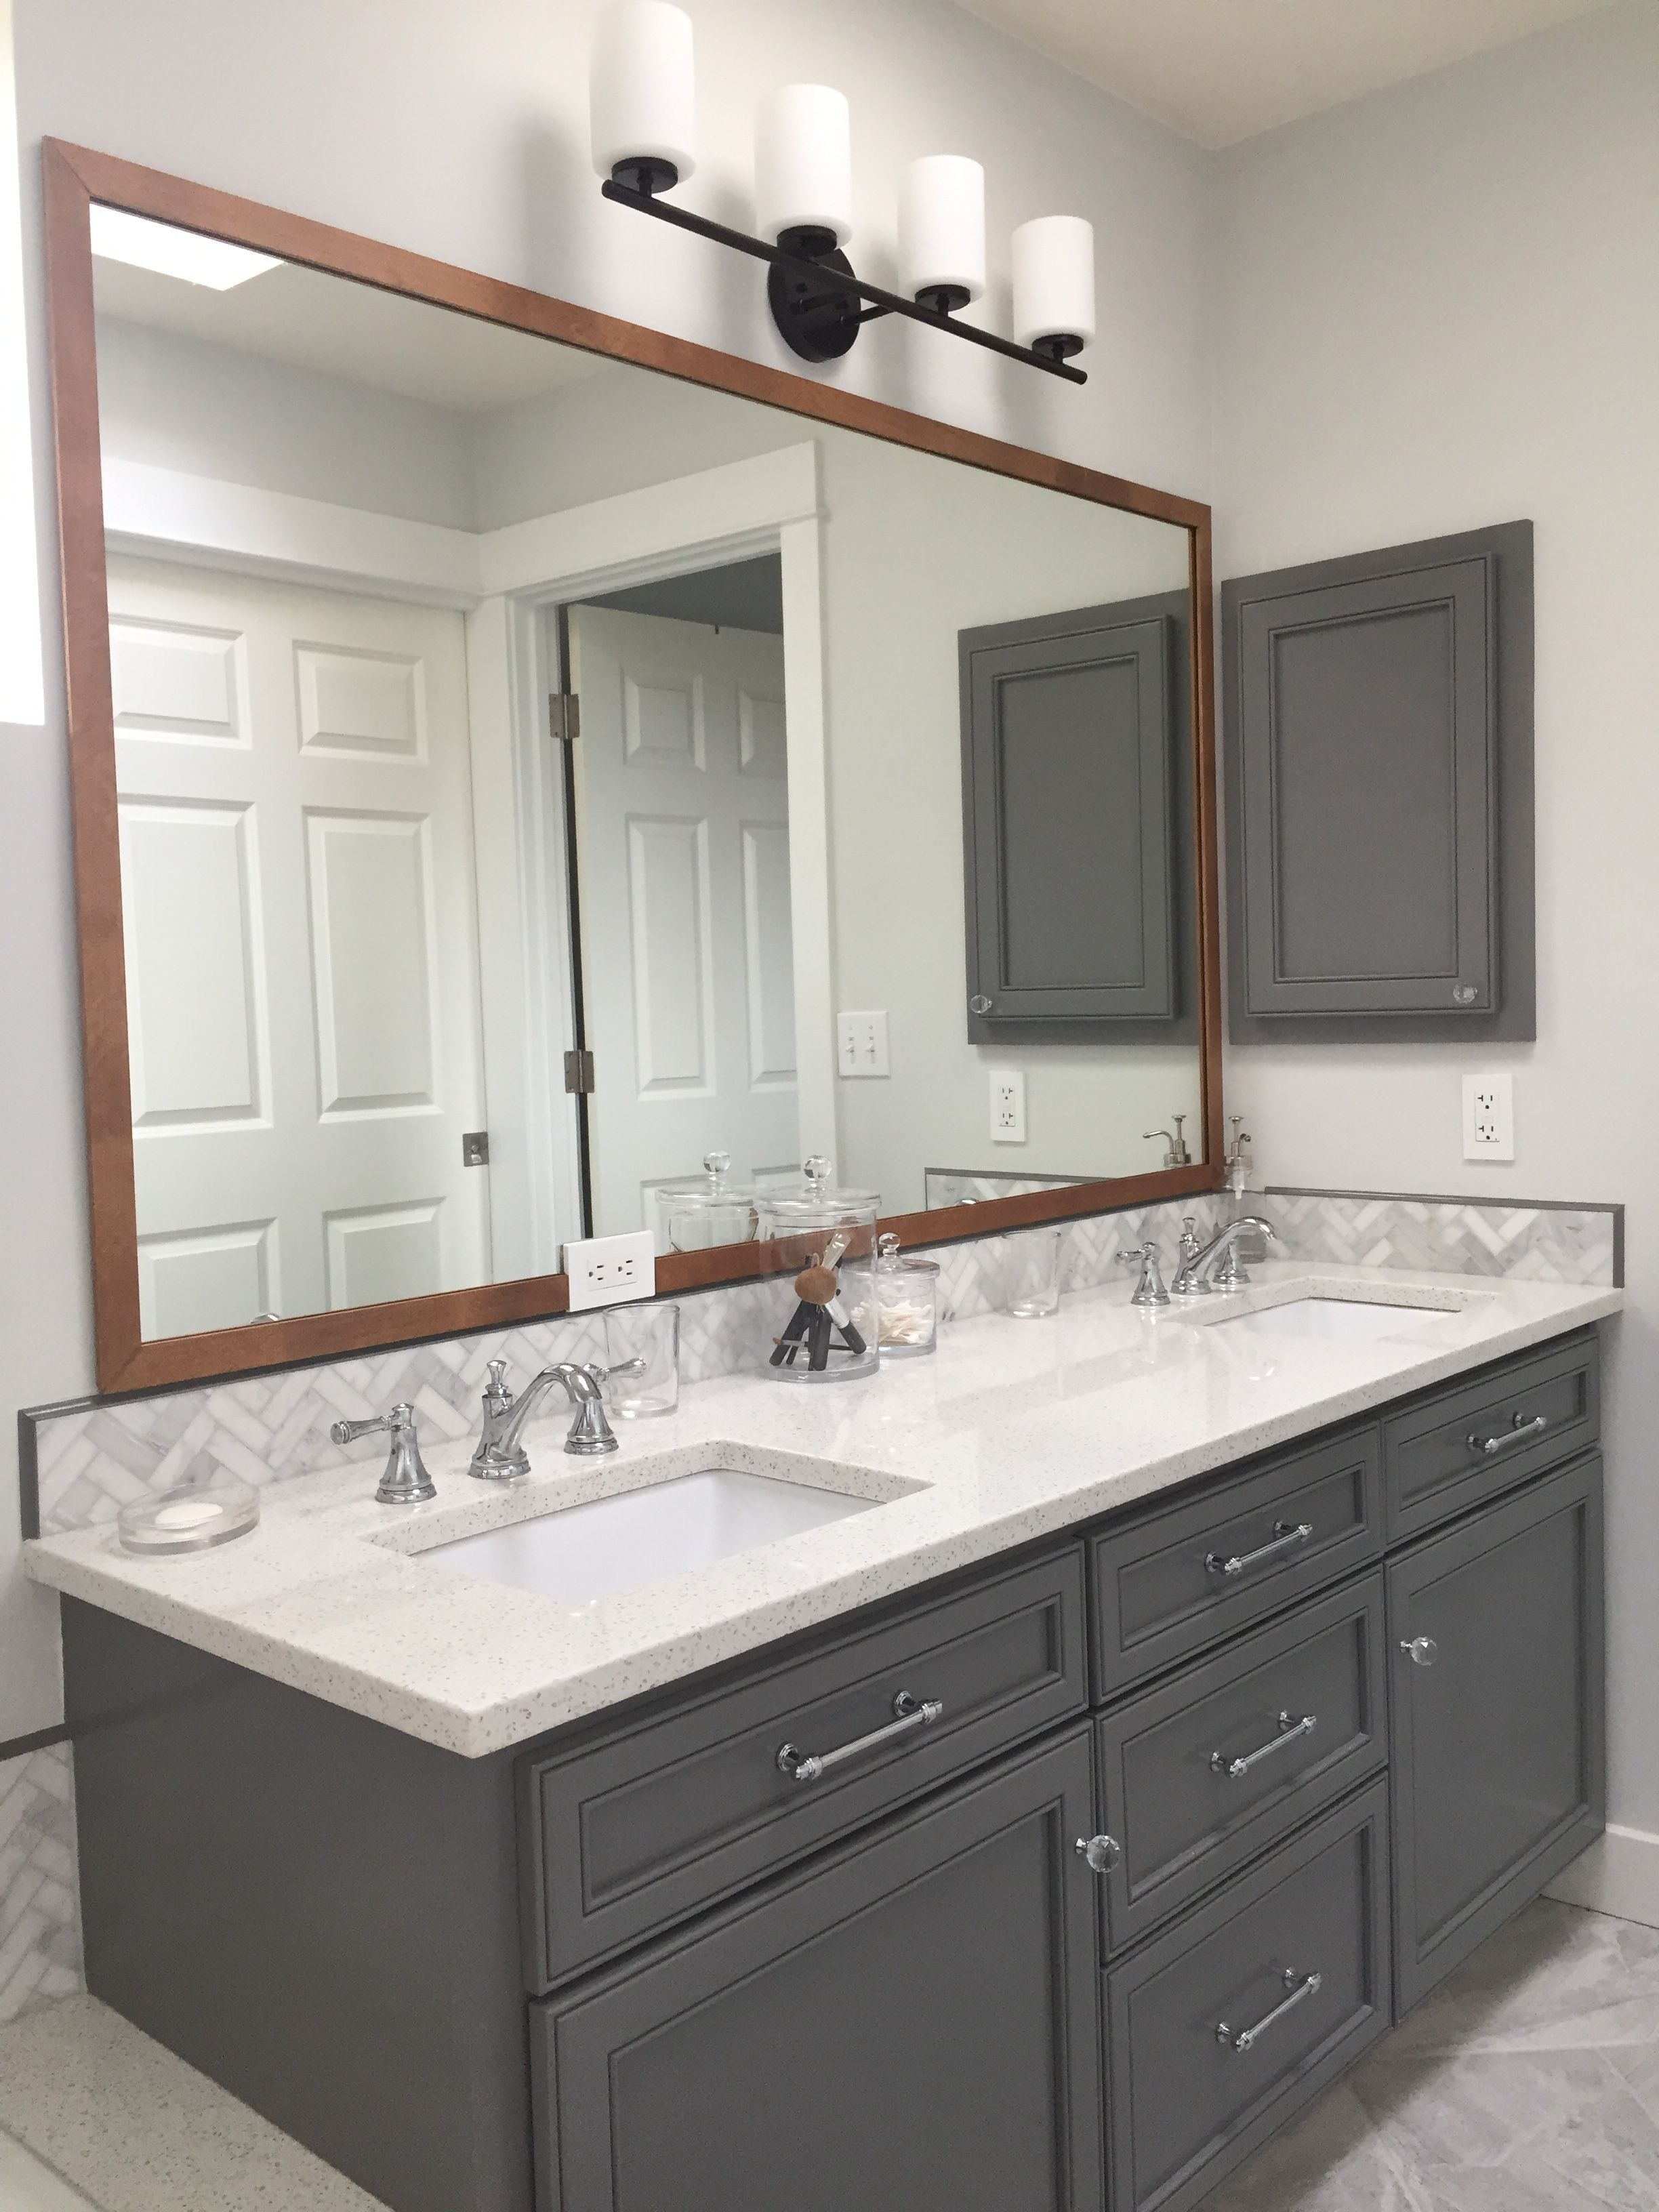 My Diy Wood Frame Bathroom Mirror Modern Farmhouse Bathroom Used Double Sided Clea Farmhouse Style Bathroom Vanity Wood Mirror Bathroom Bathroom Mirror Frame